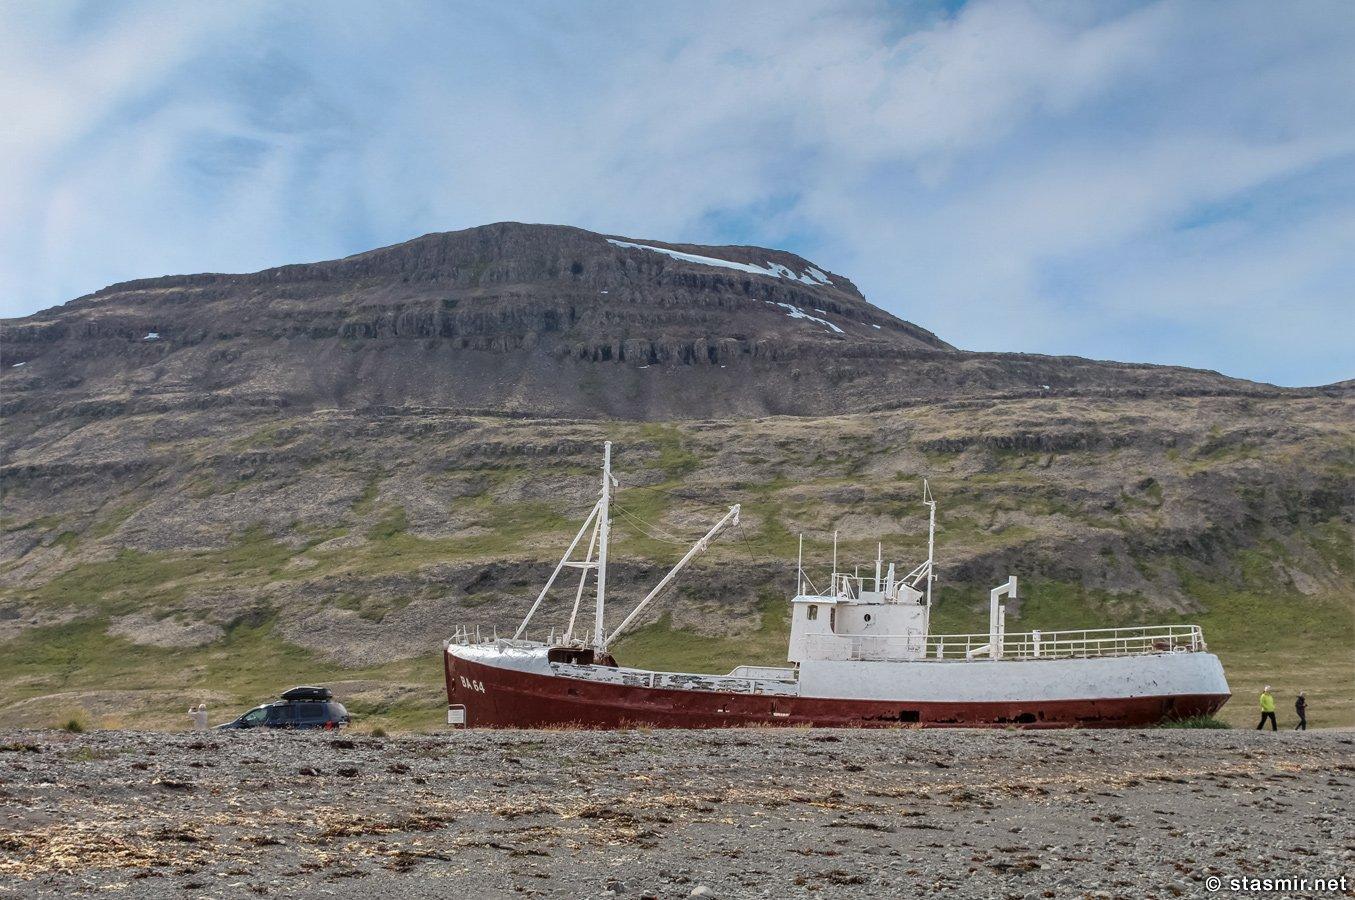 Судно «Garðar BA64» вросло в пески Западных Фьордов, Вестфирдир, Vestfirðir, West Fjords, фото Станислав Смирнов, Photo Stasmir, Фото Стасмир, Фото Станислав Смирнов